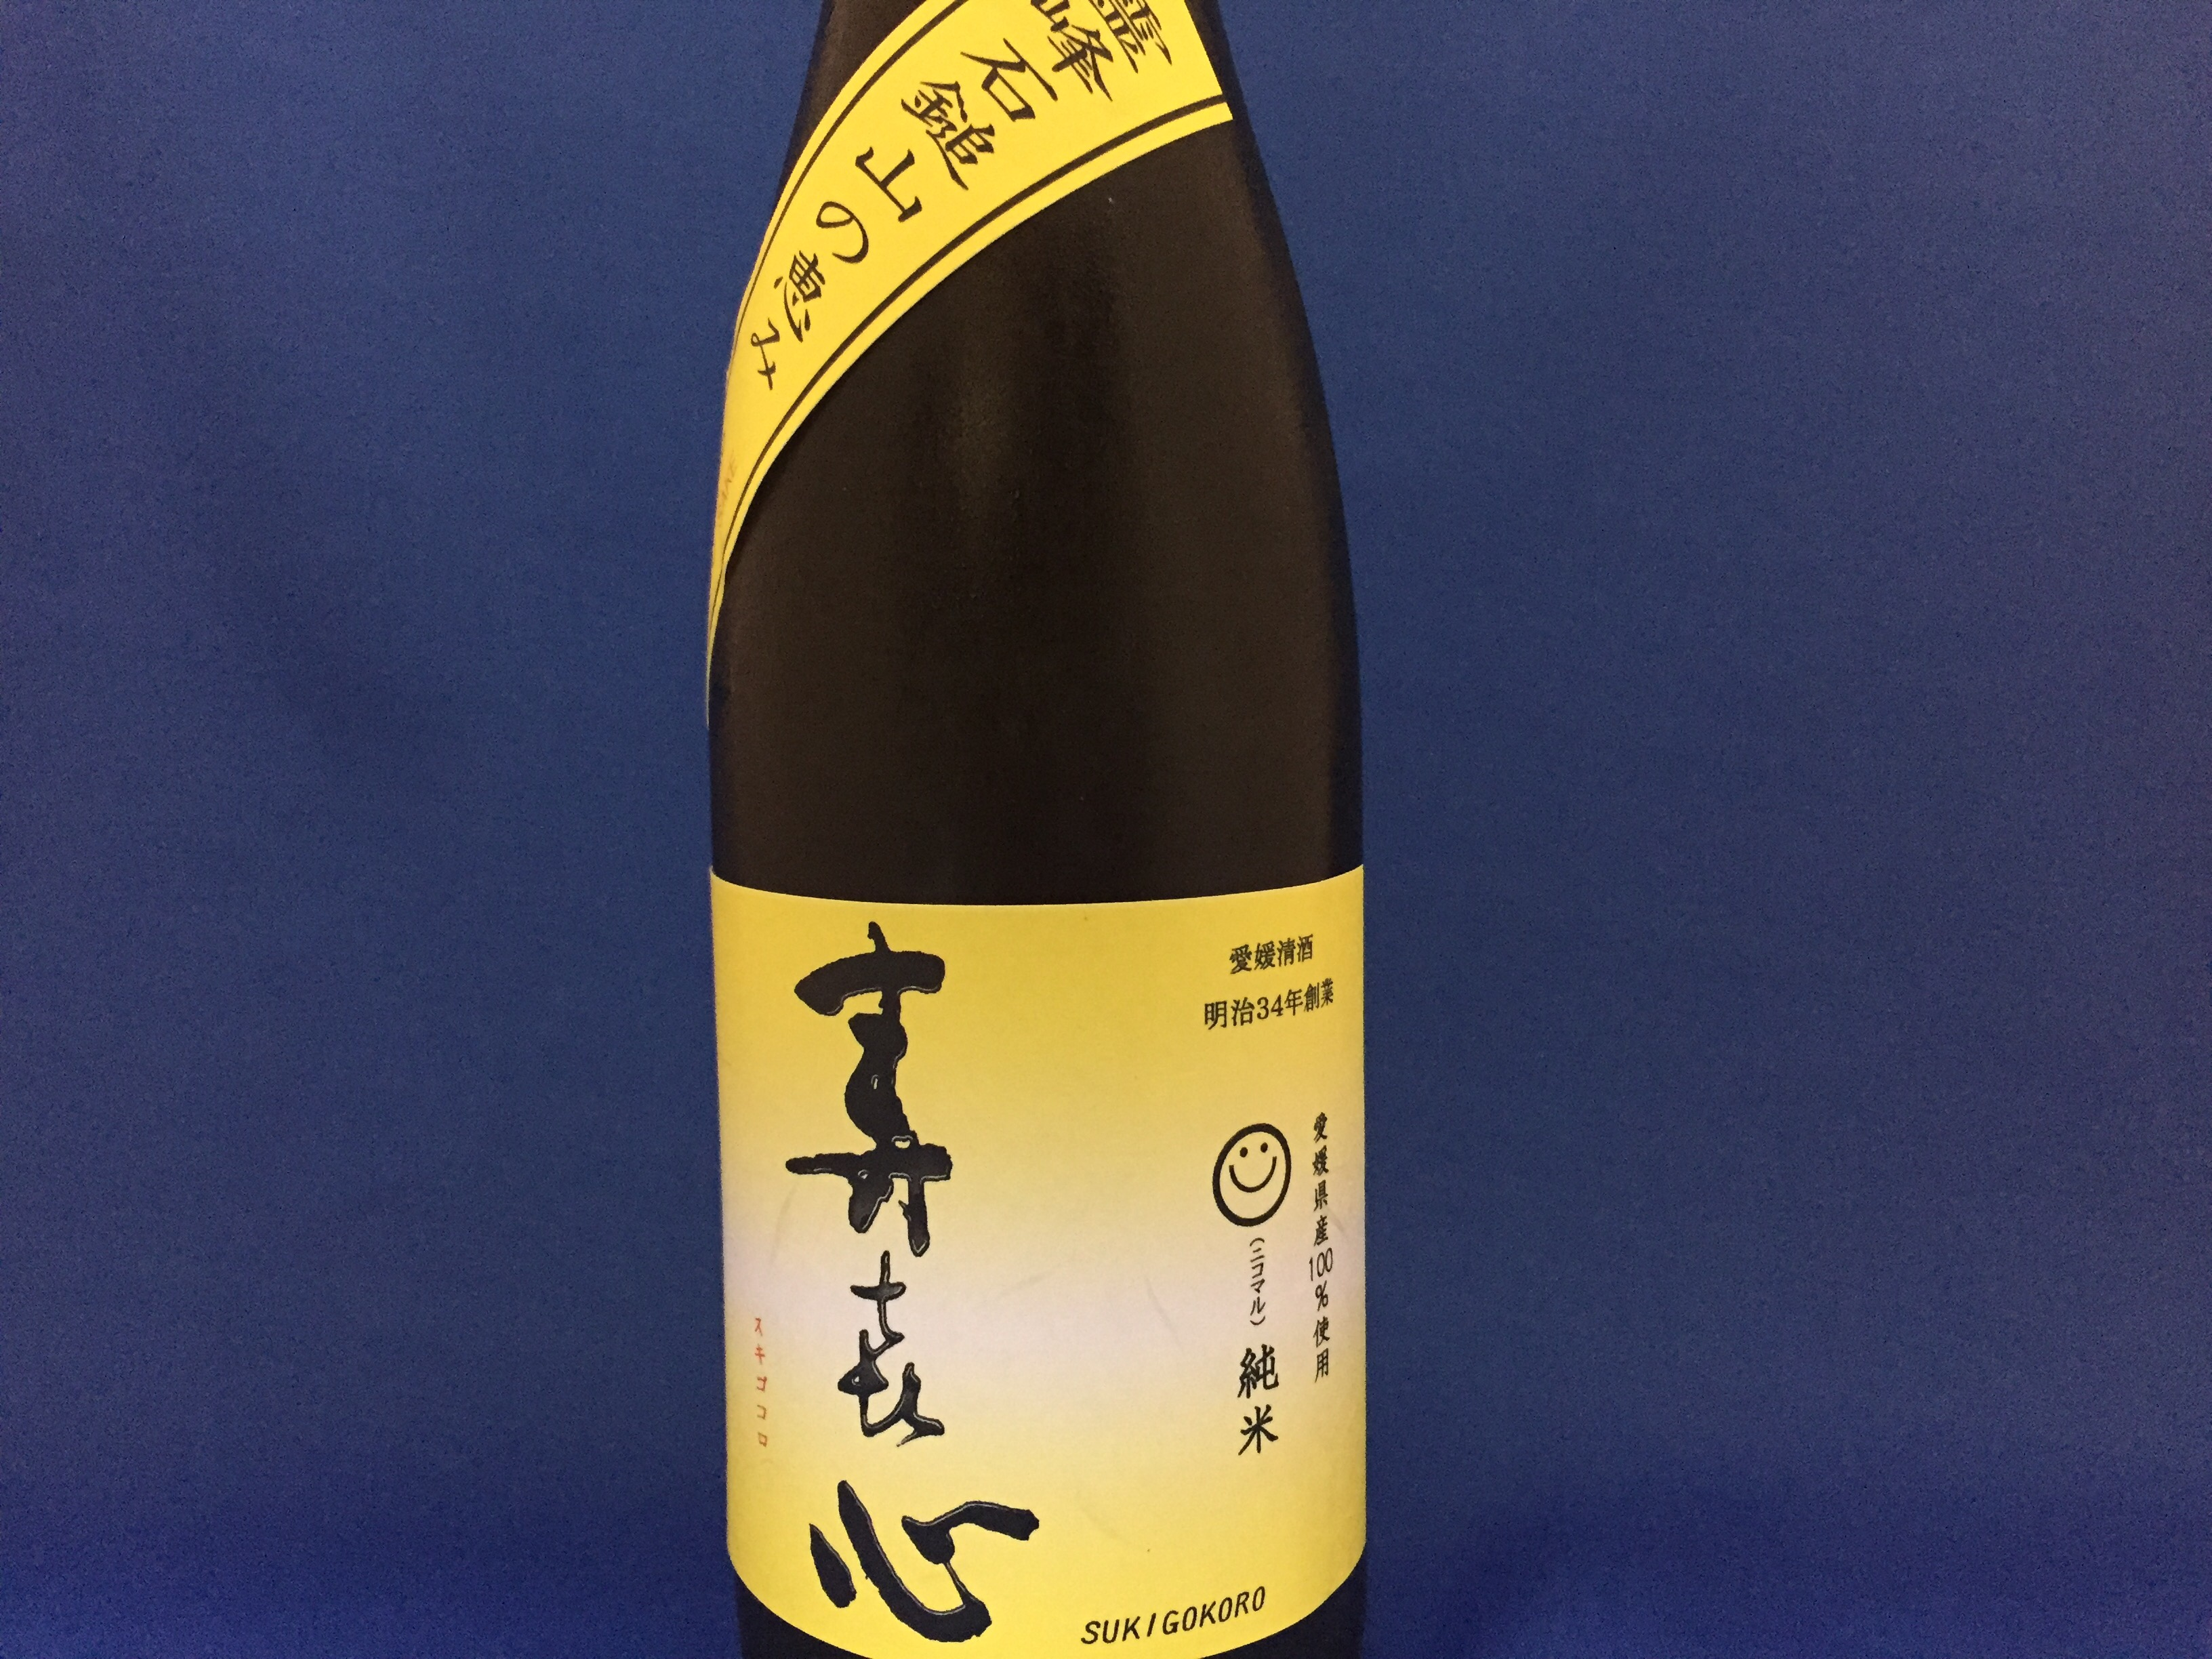 一口飲んだら「おいしい」言うてもらえるお酒を造ろうや…愛媛の小さな酒蔵がつくった「にこまる純米酒 寿喜心」